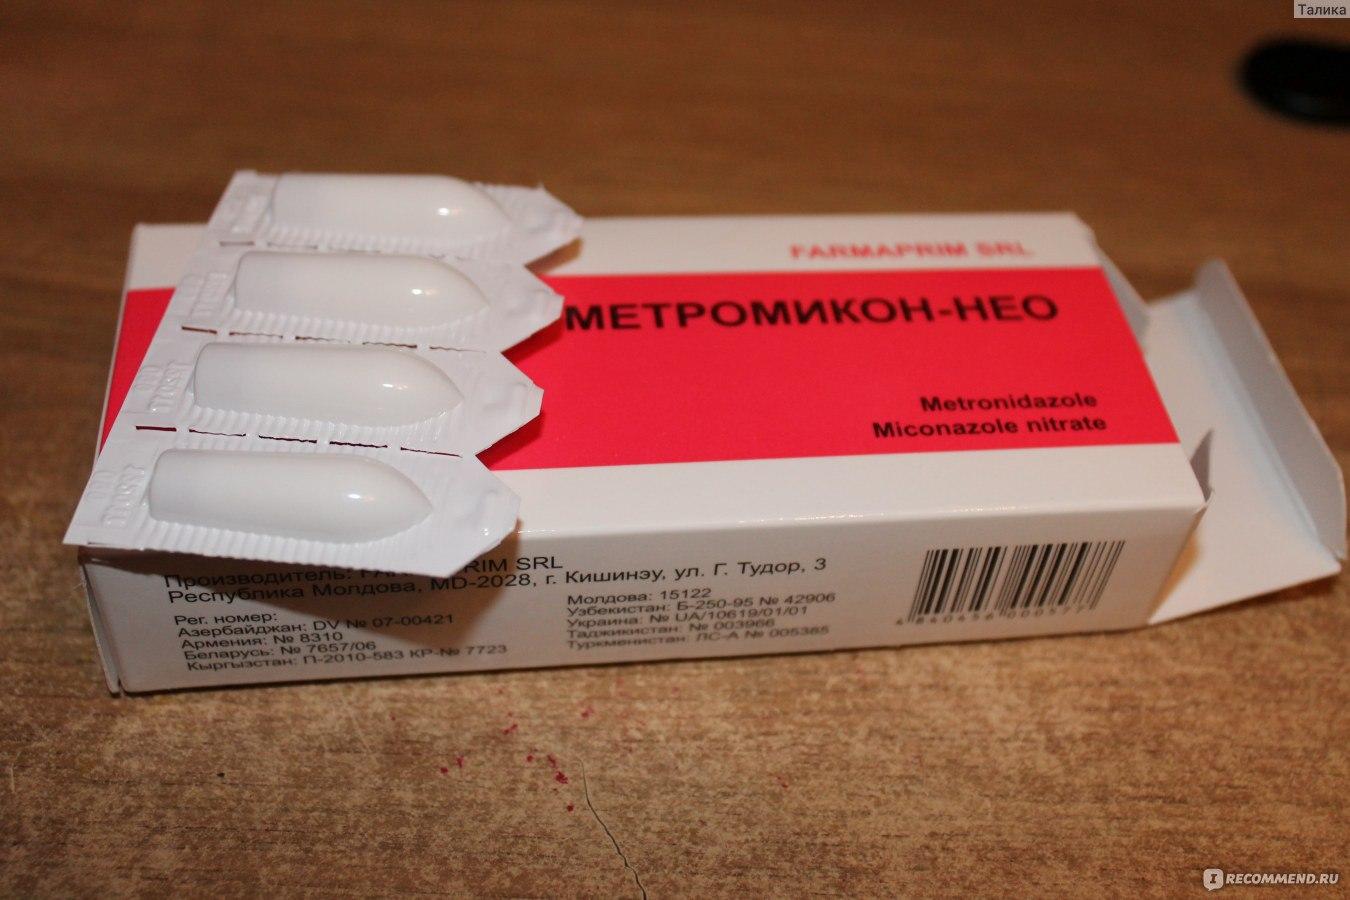 Метромикон-нео, суппоз вагин 5 мг+1 мг №14 Цены